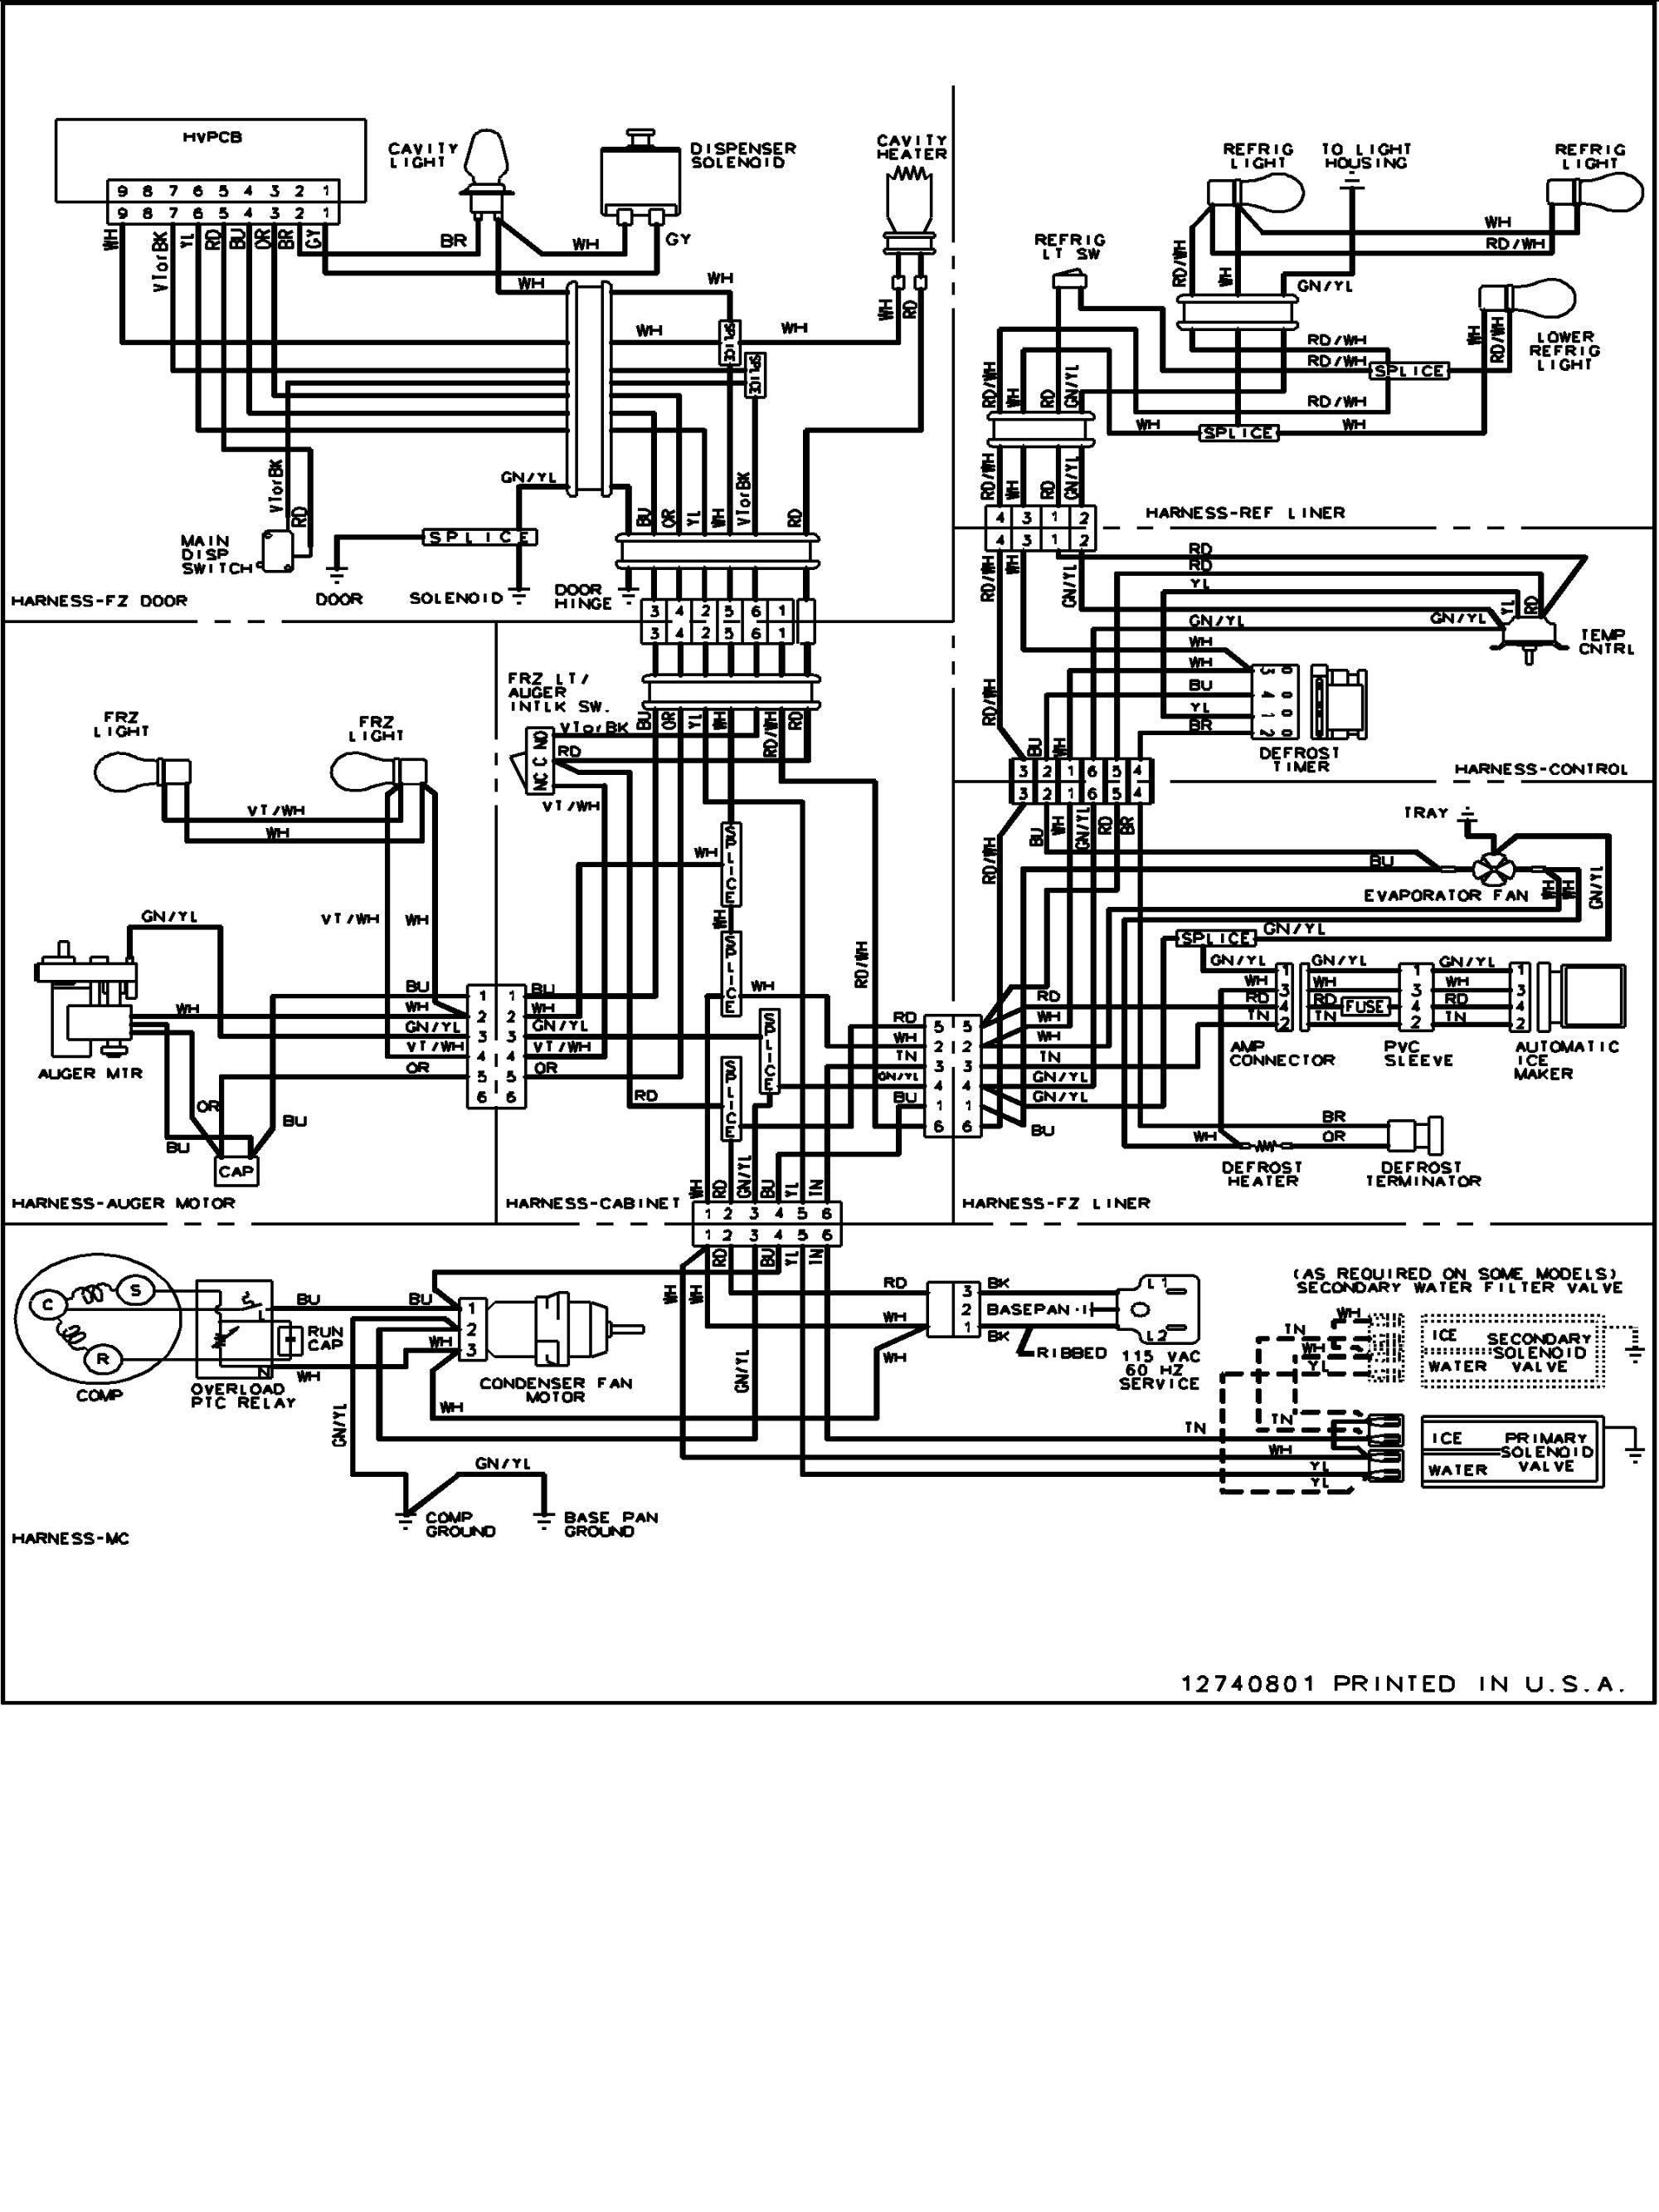 hight resolution of viking wiring diagram wiring diagram for youviking range wiring diagram download wiring diagram sample viking oven